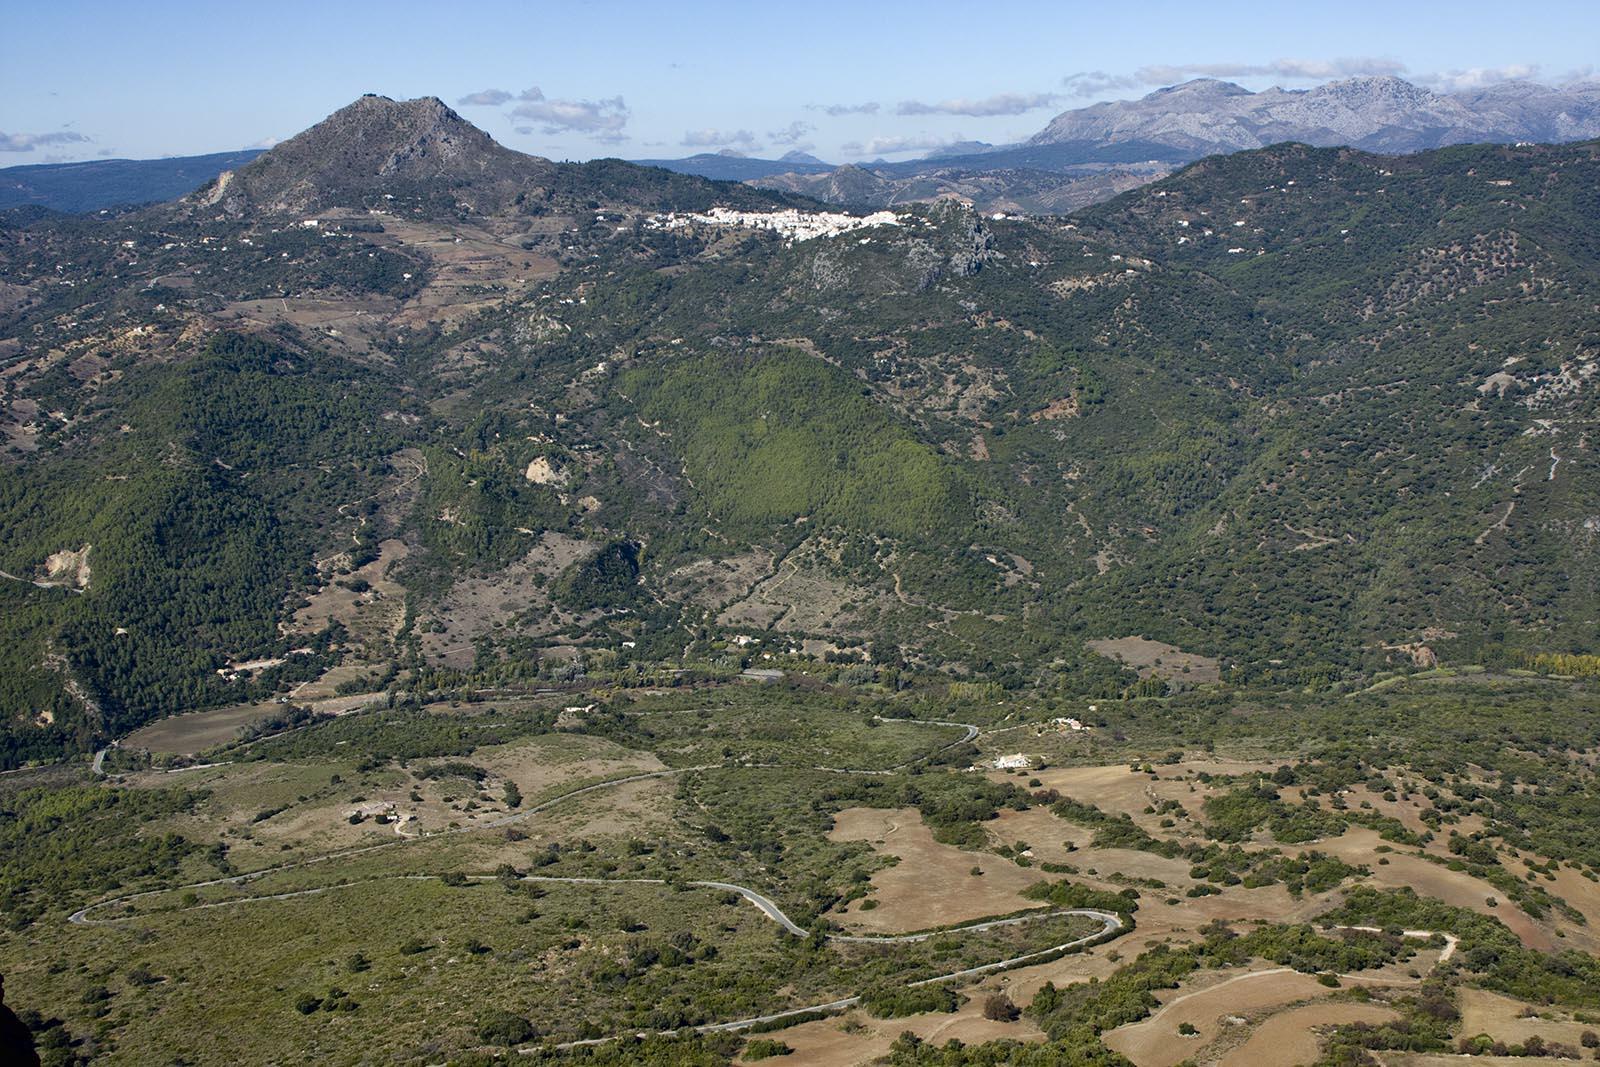 Valle del Genal y Gaucín desde Sierra Crestellina (Casares)